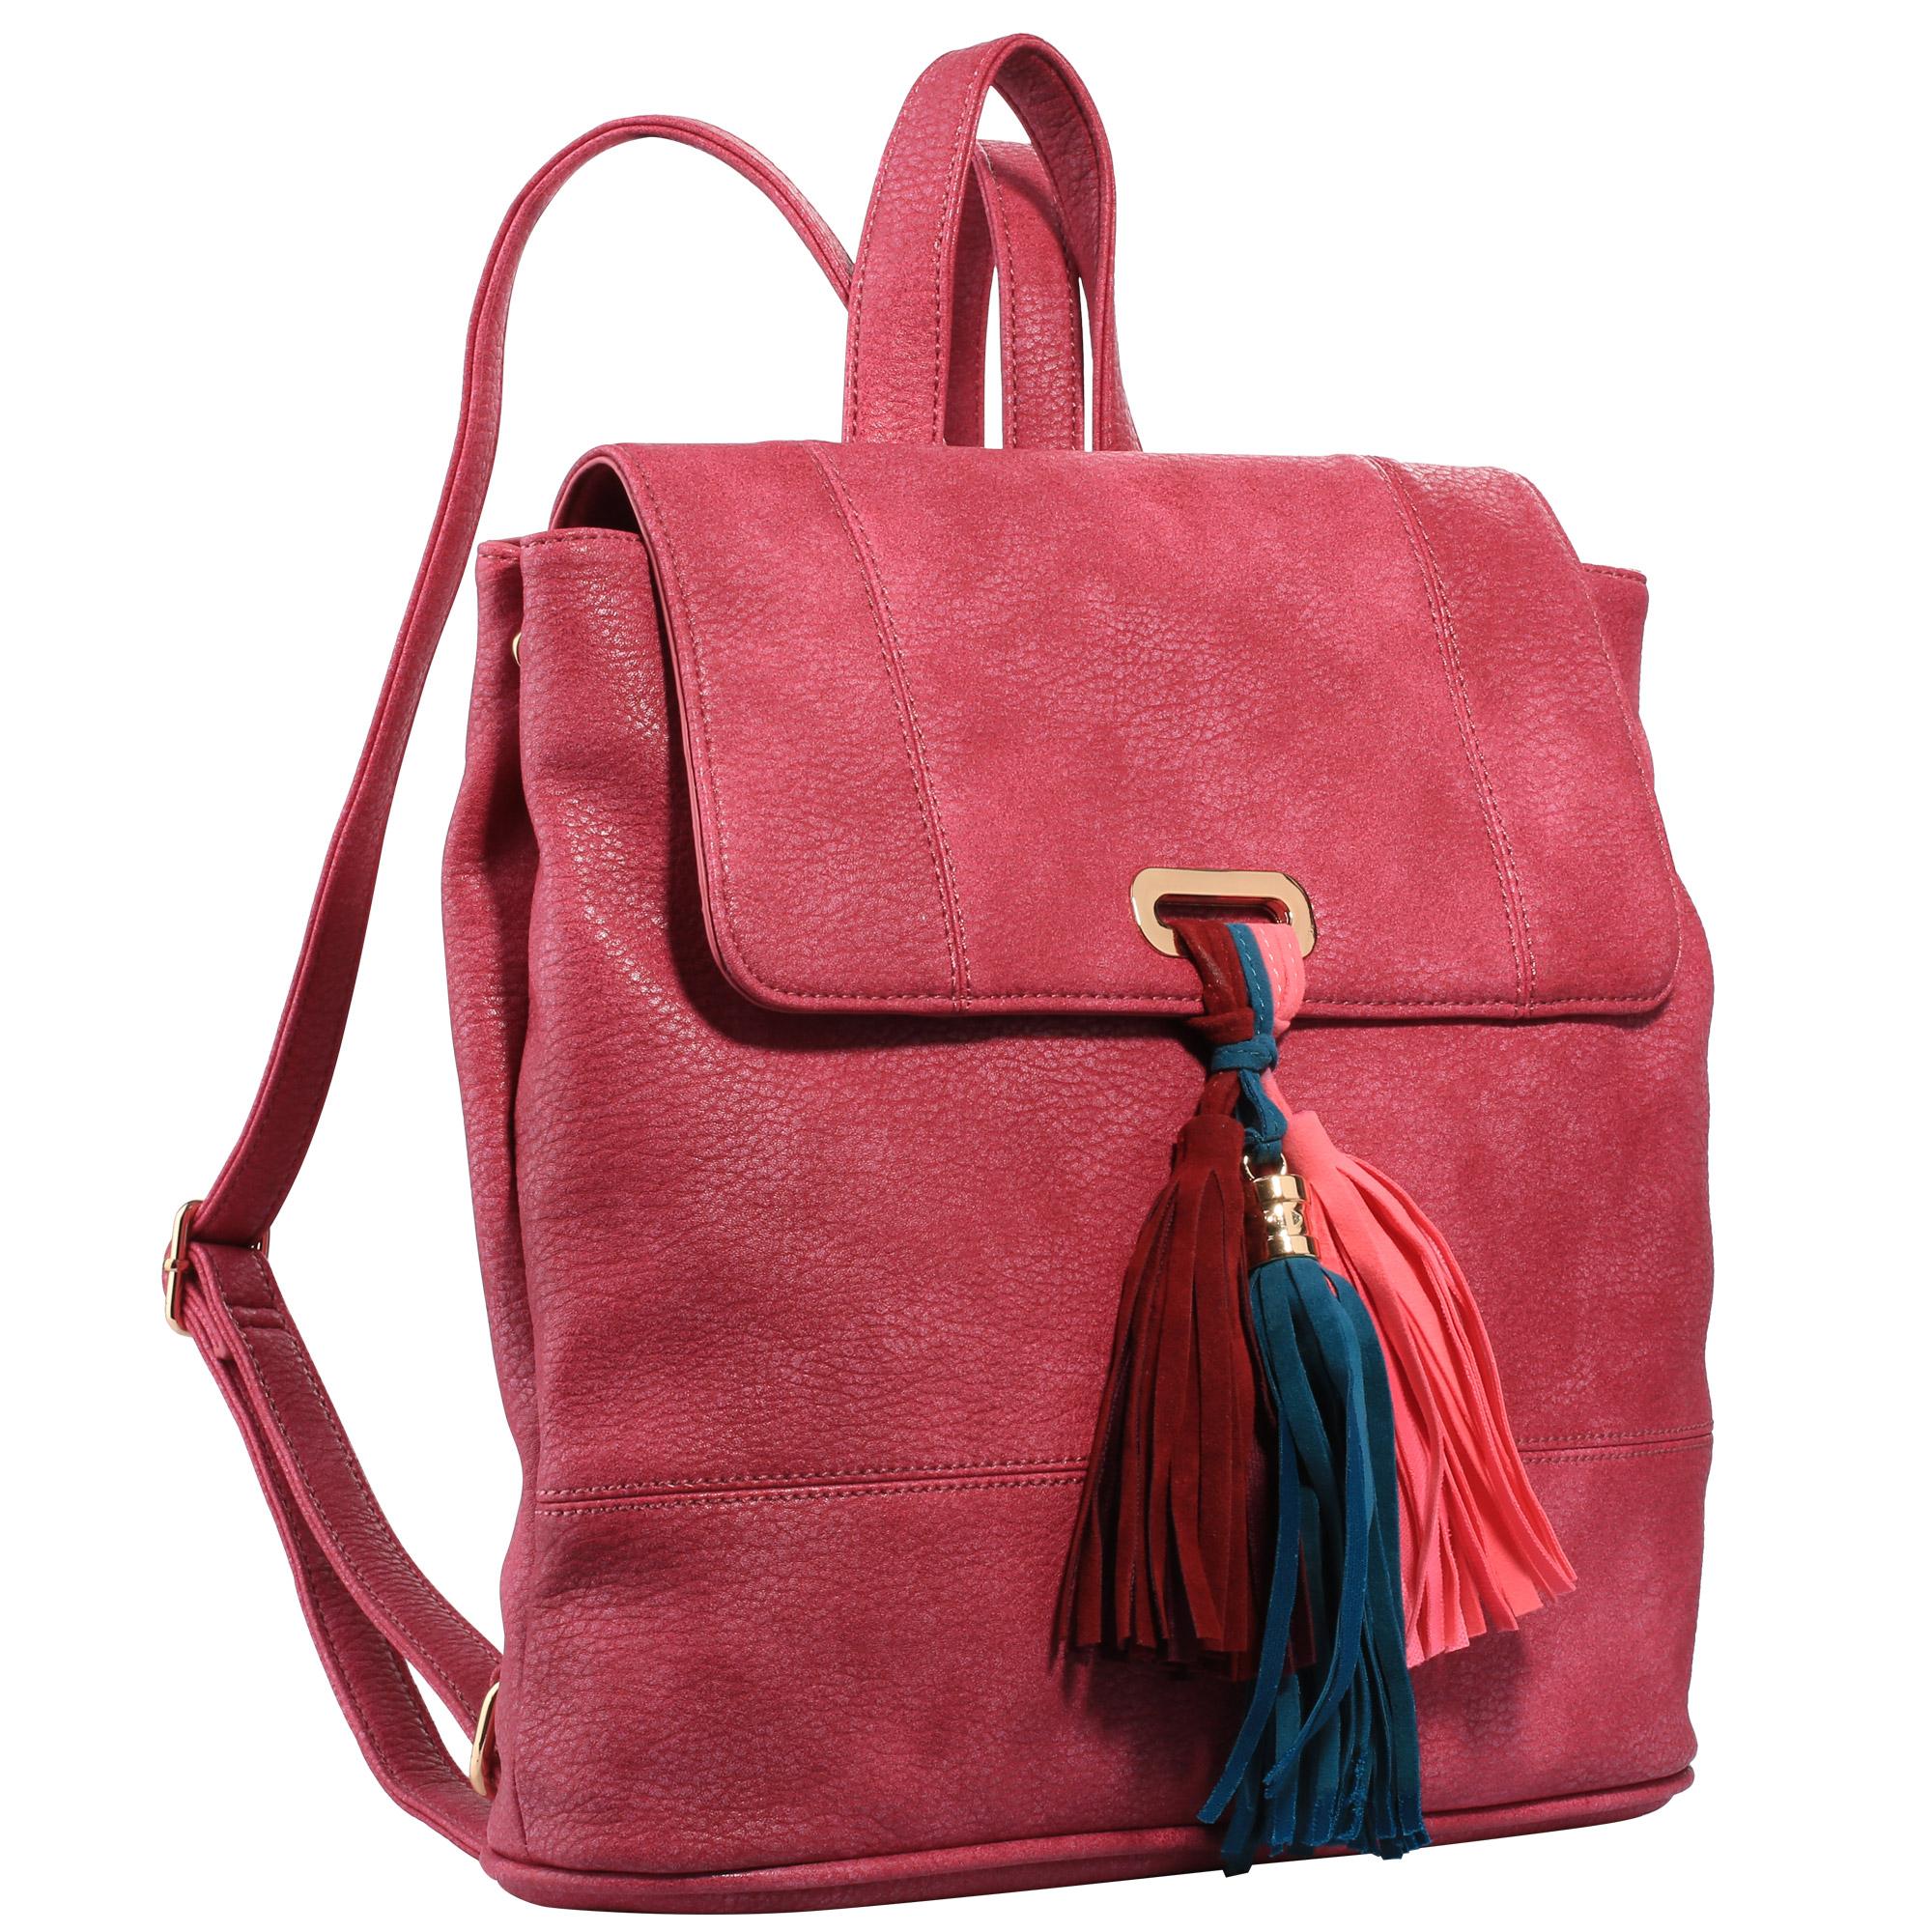 bee10326eb15 Женские рюкзаки из искусственной кожи в Москве. Купить женский (кожзам)  рюкзак в интернет-магазине Tasche.ru